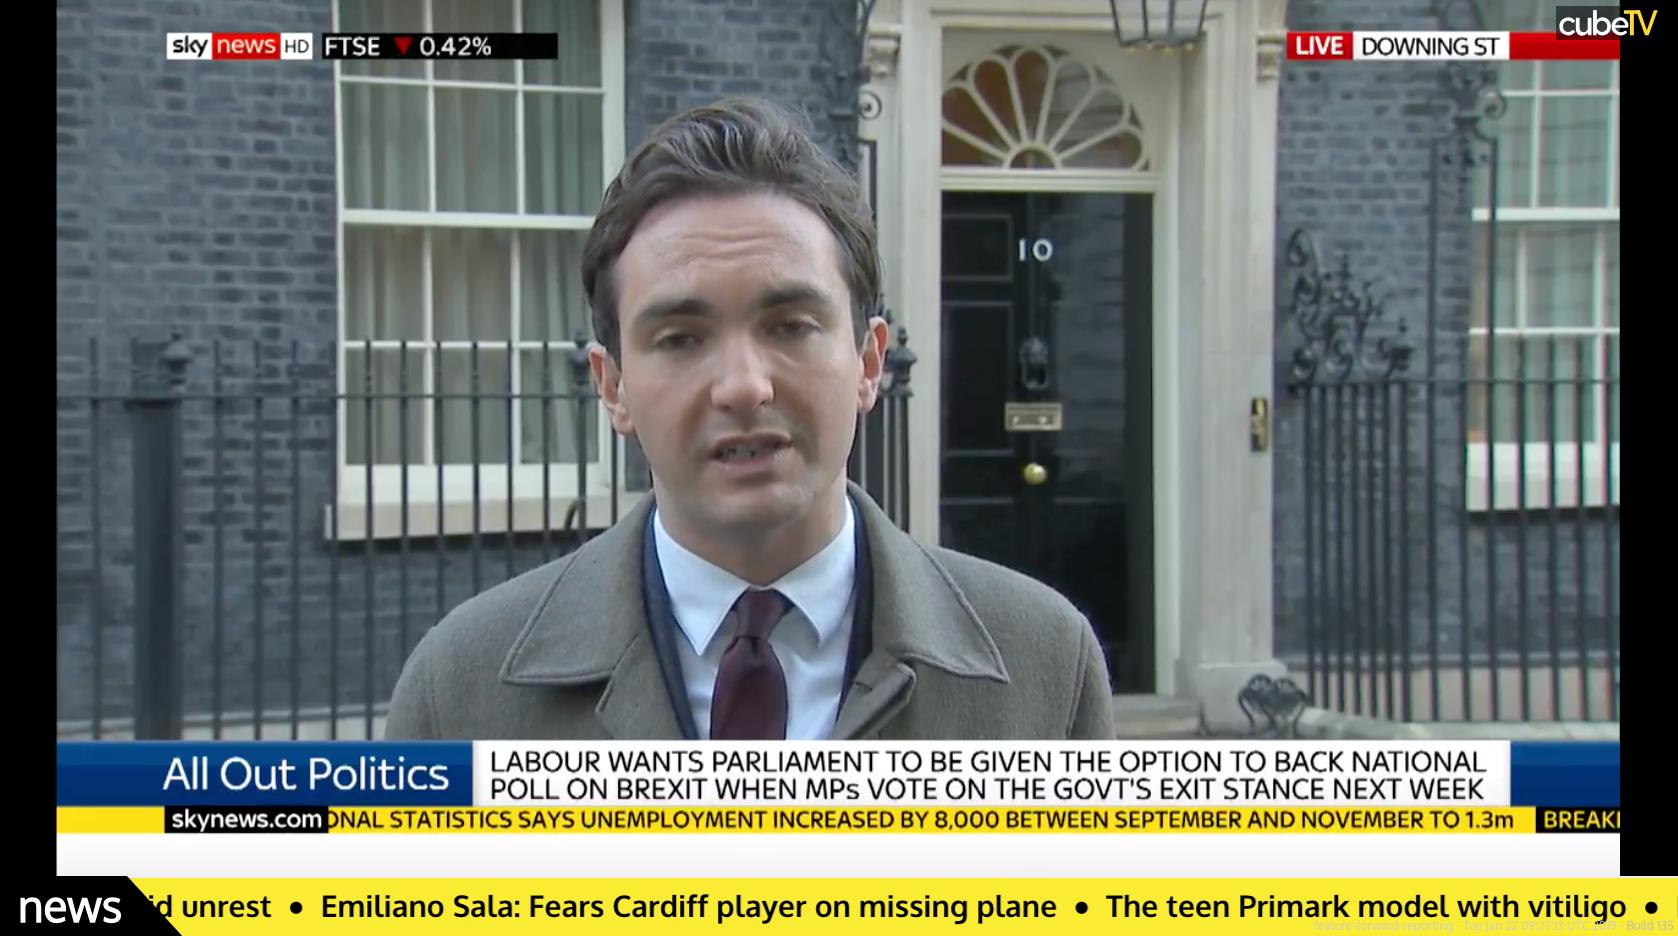 cubeTV with Sky News